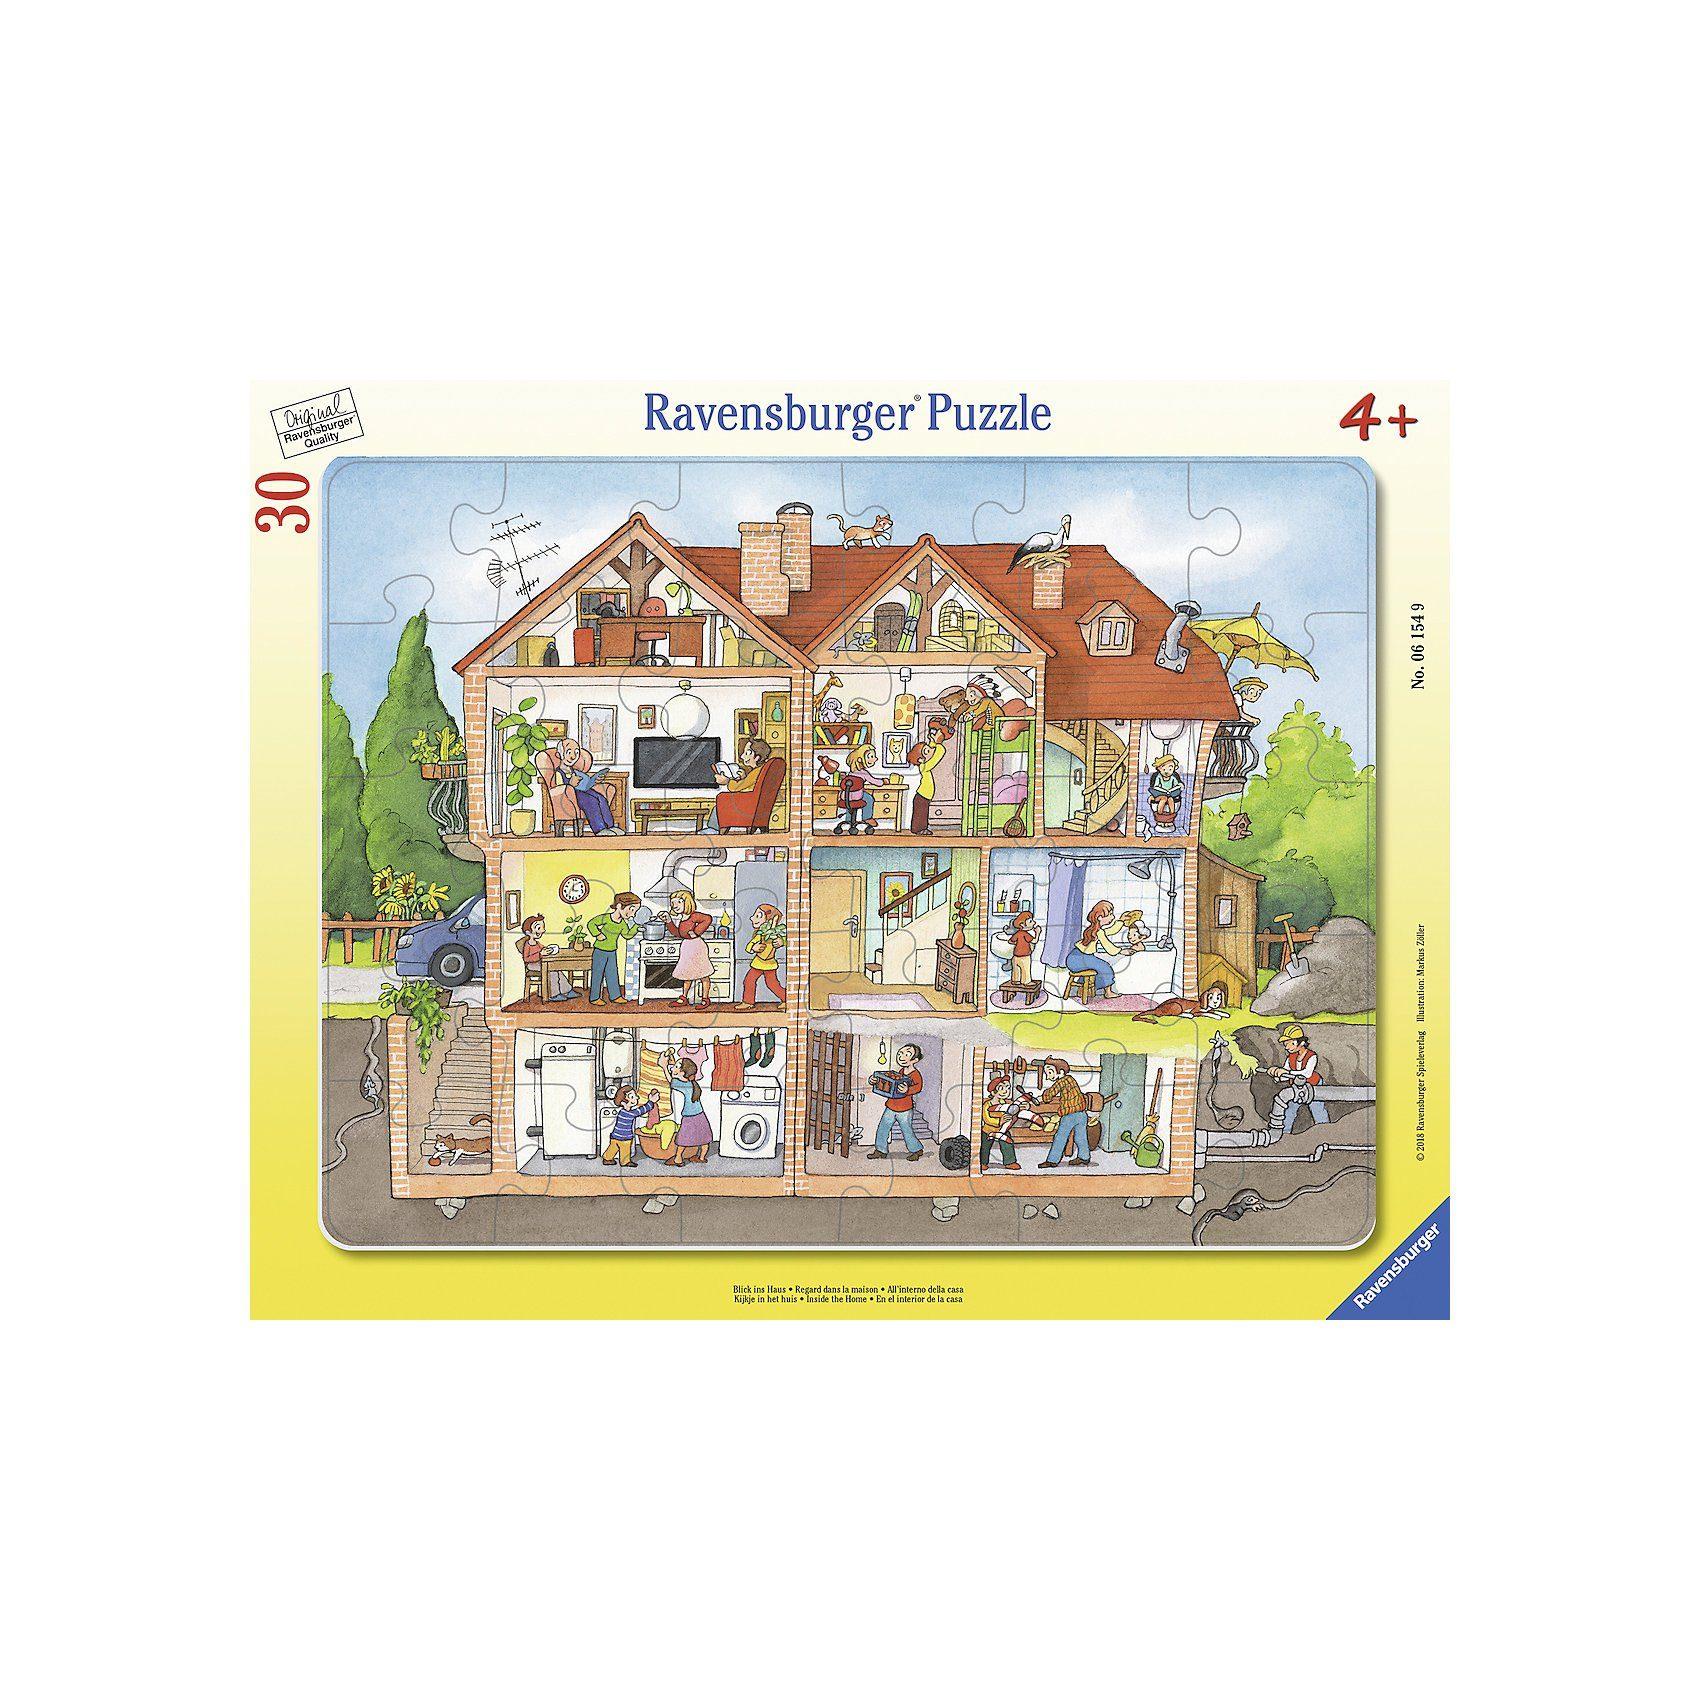 Ravensburger Rahmen-Puzzle, 30 Teile, 32,5x24,5 cm, Blick ins Haus